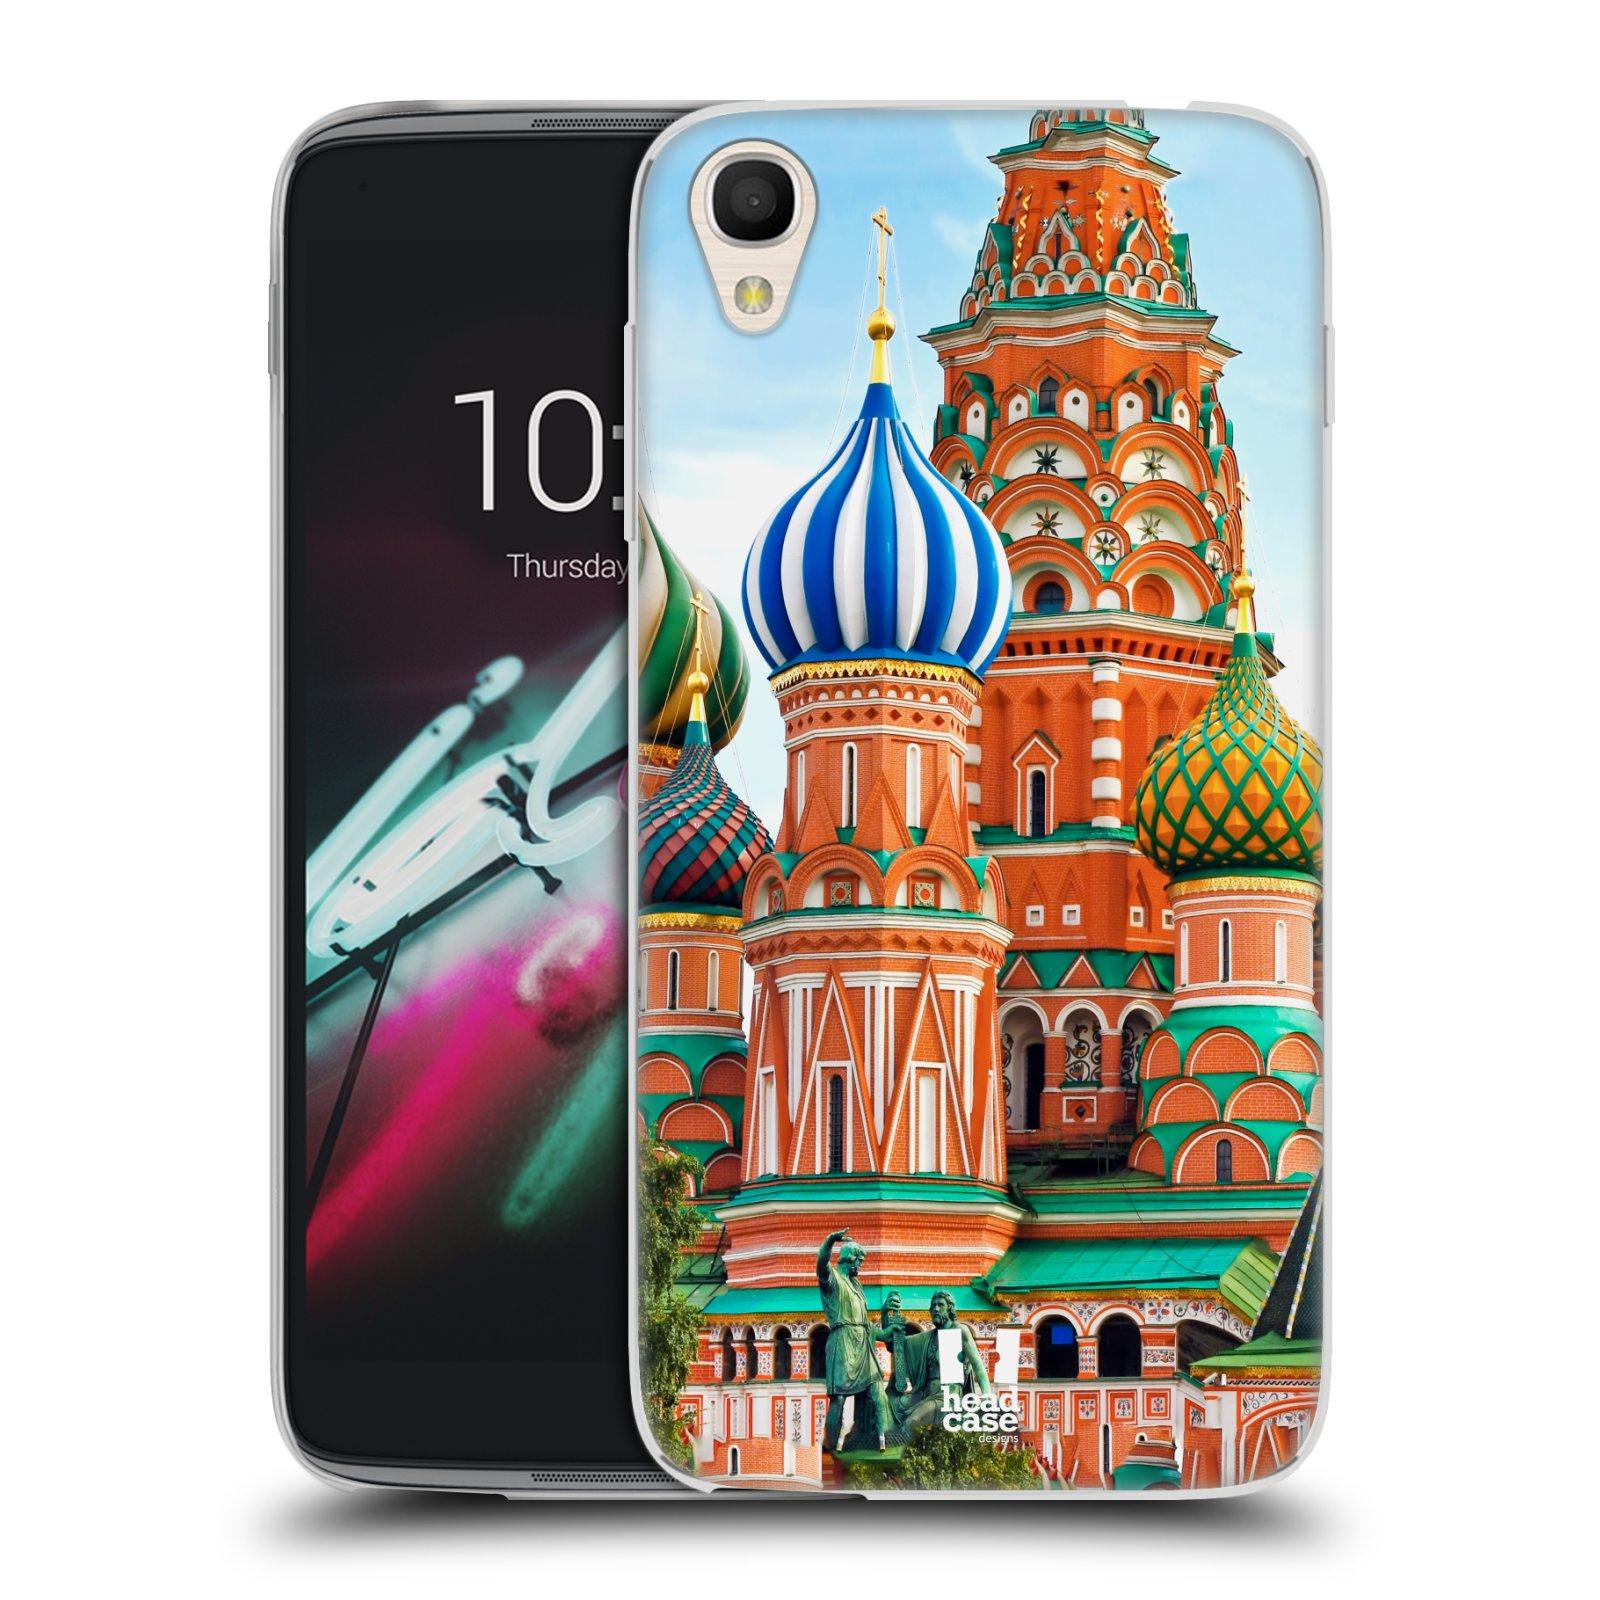 HEAD CASE silikonový obal na mobil Alcatel Idol 3 OT-6039Y (4.7) vzor Města foto náměstí RUSKO,MOSKVA, RUDÉ NÁMĚSTÍ